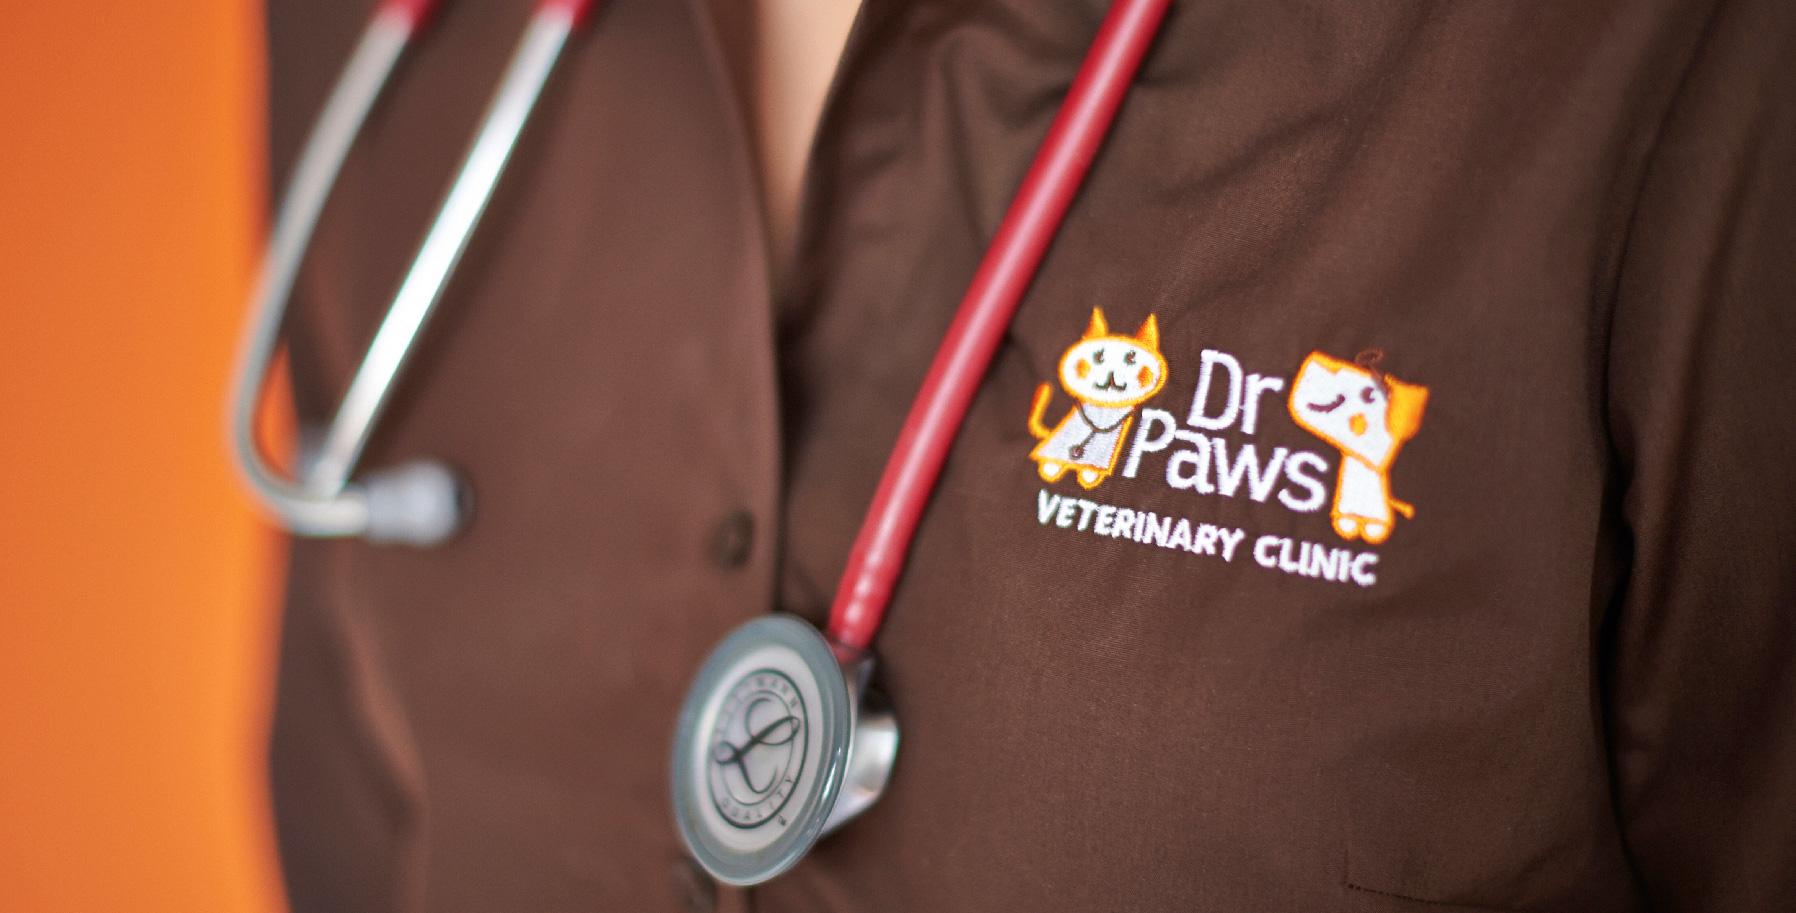 Dr-Paws-shirt